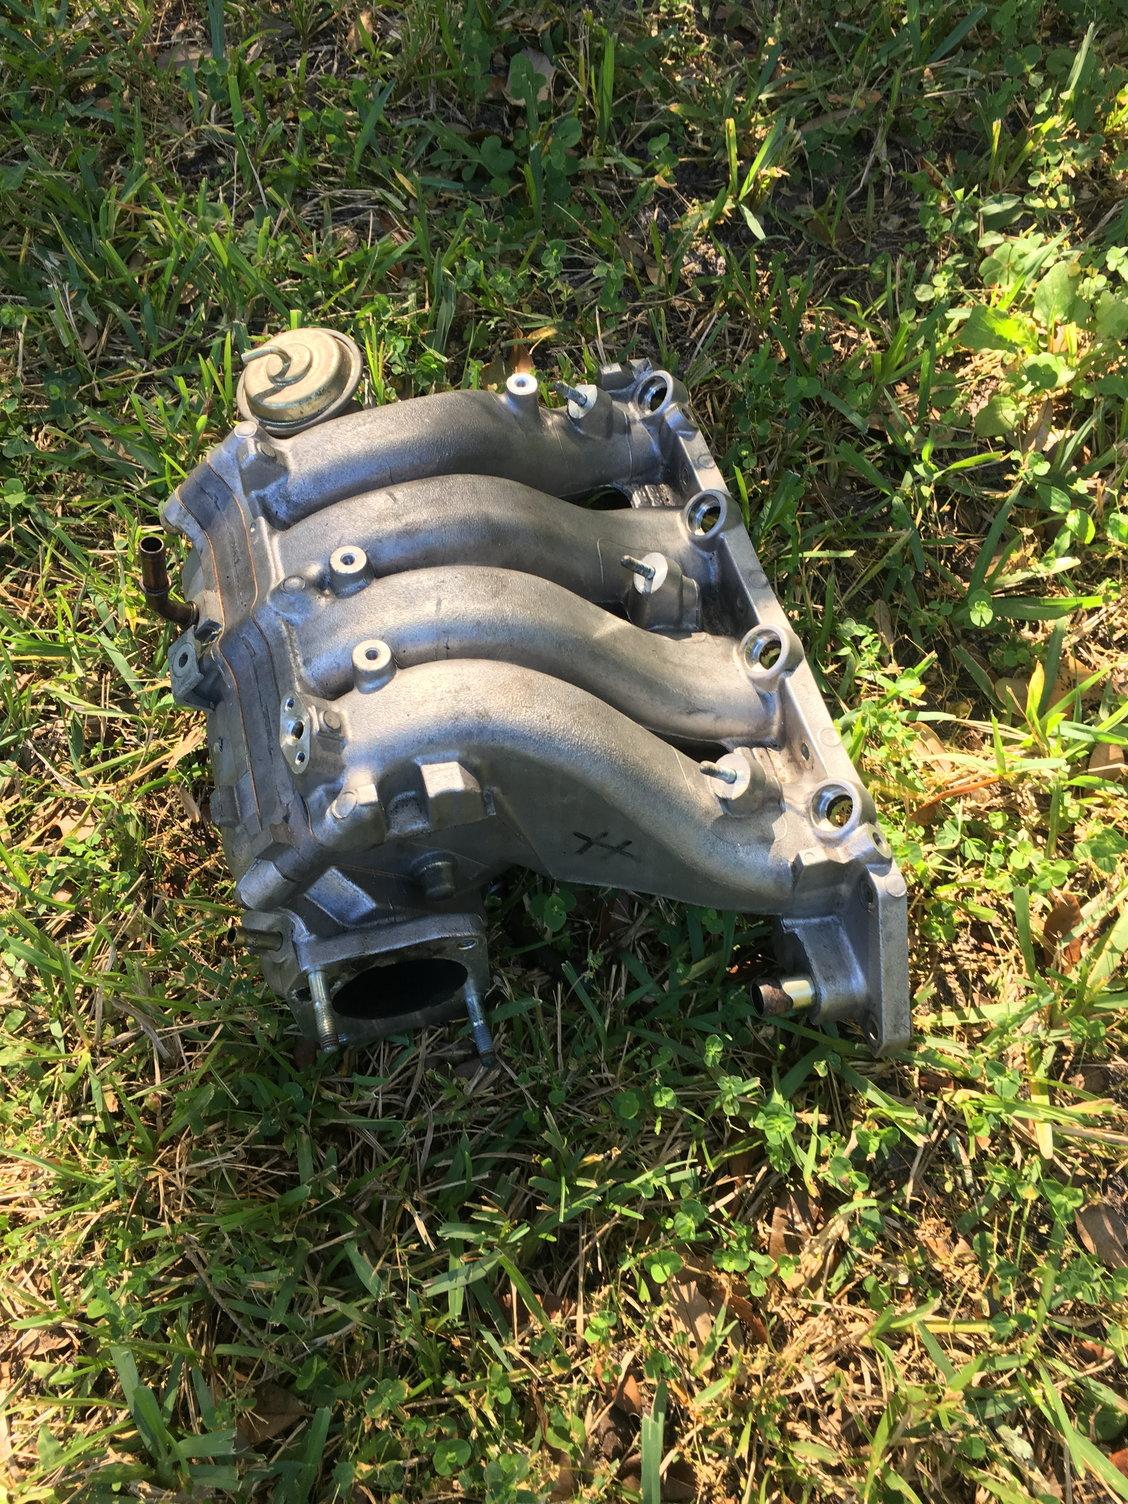 ebp em1 parts and clover green integra parts